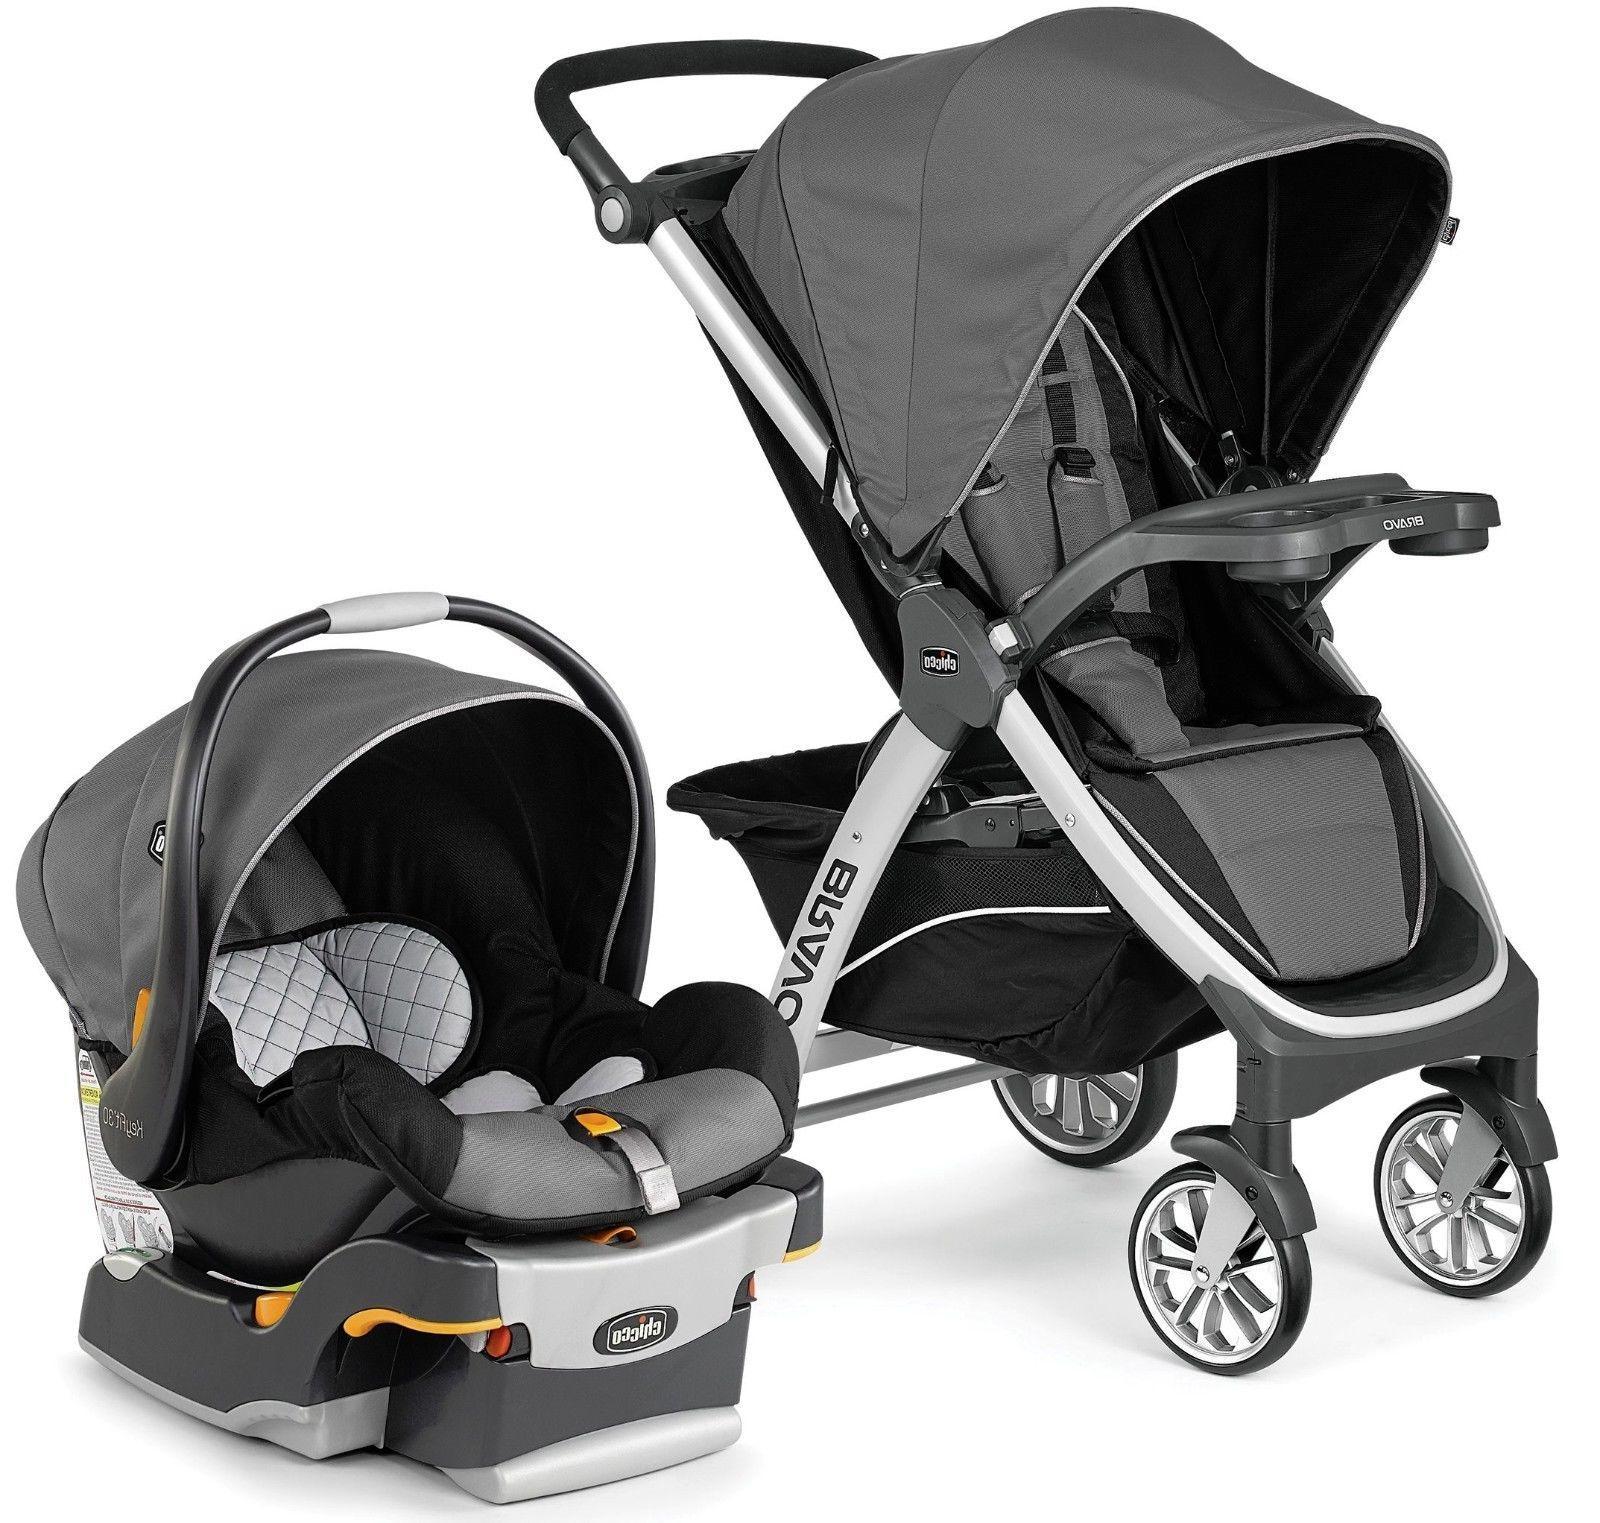 bravo trio 1 system stroller